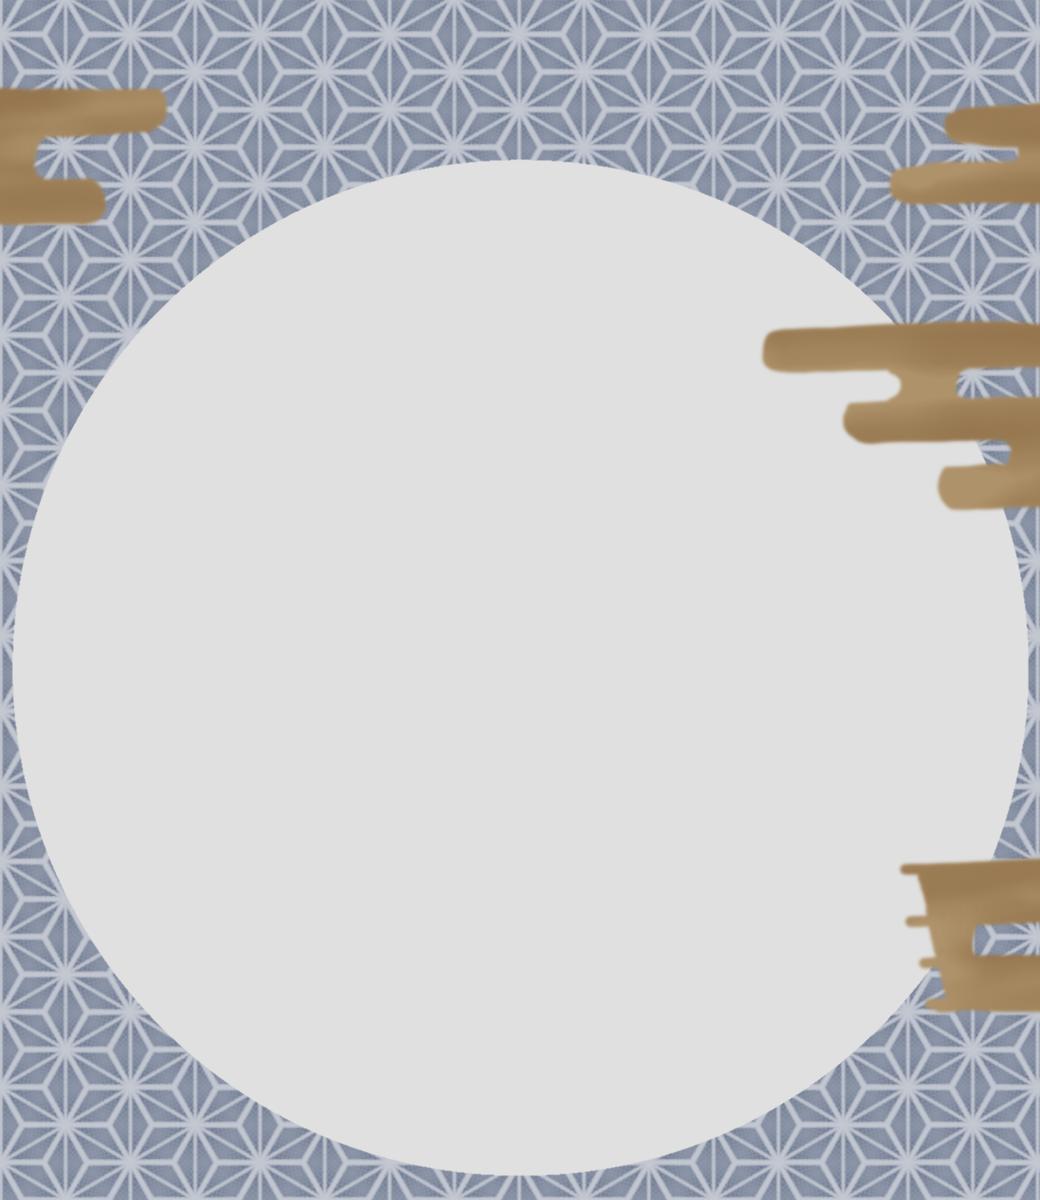 f:id:NARURU:20200311195238p:plain